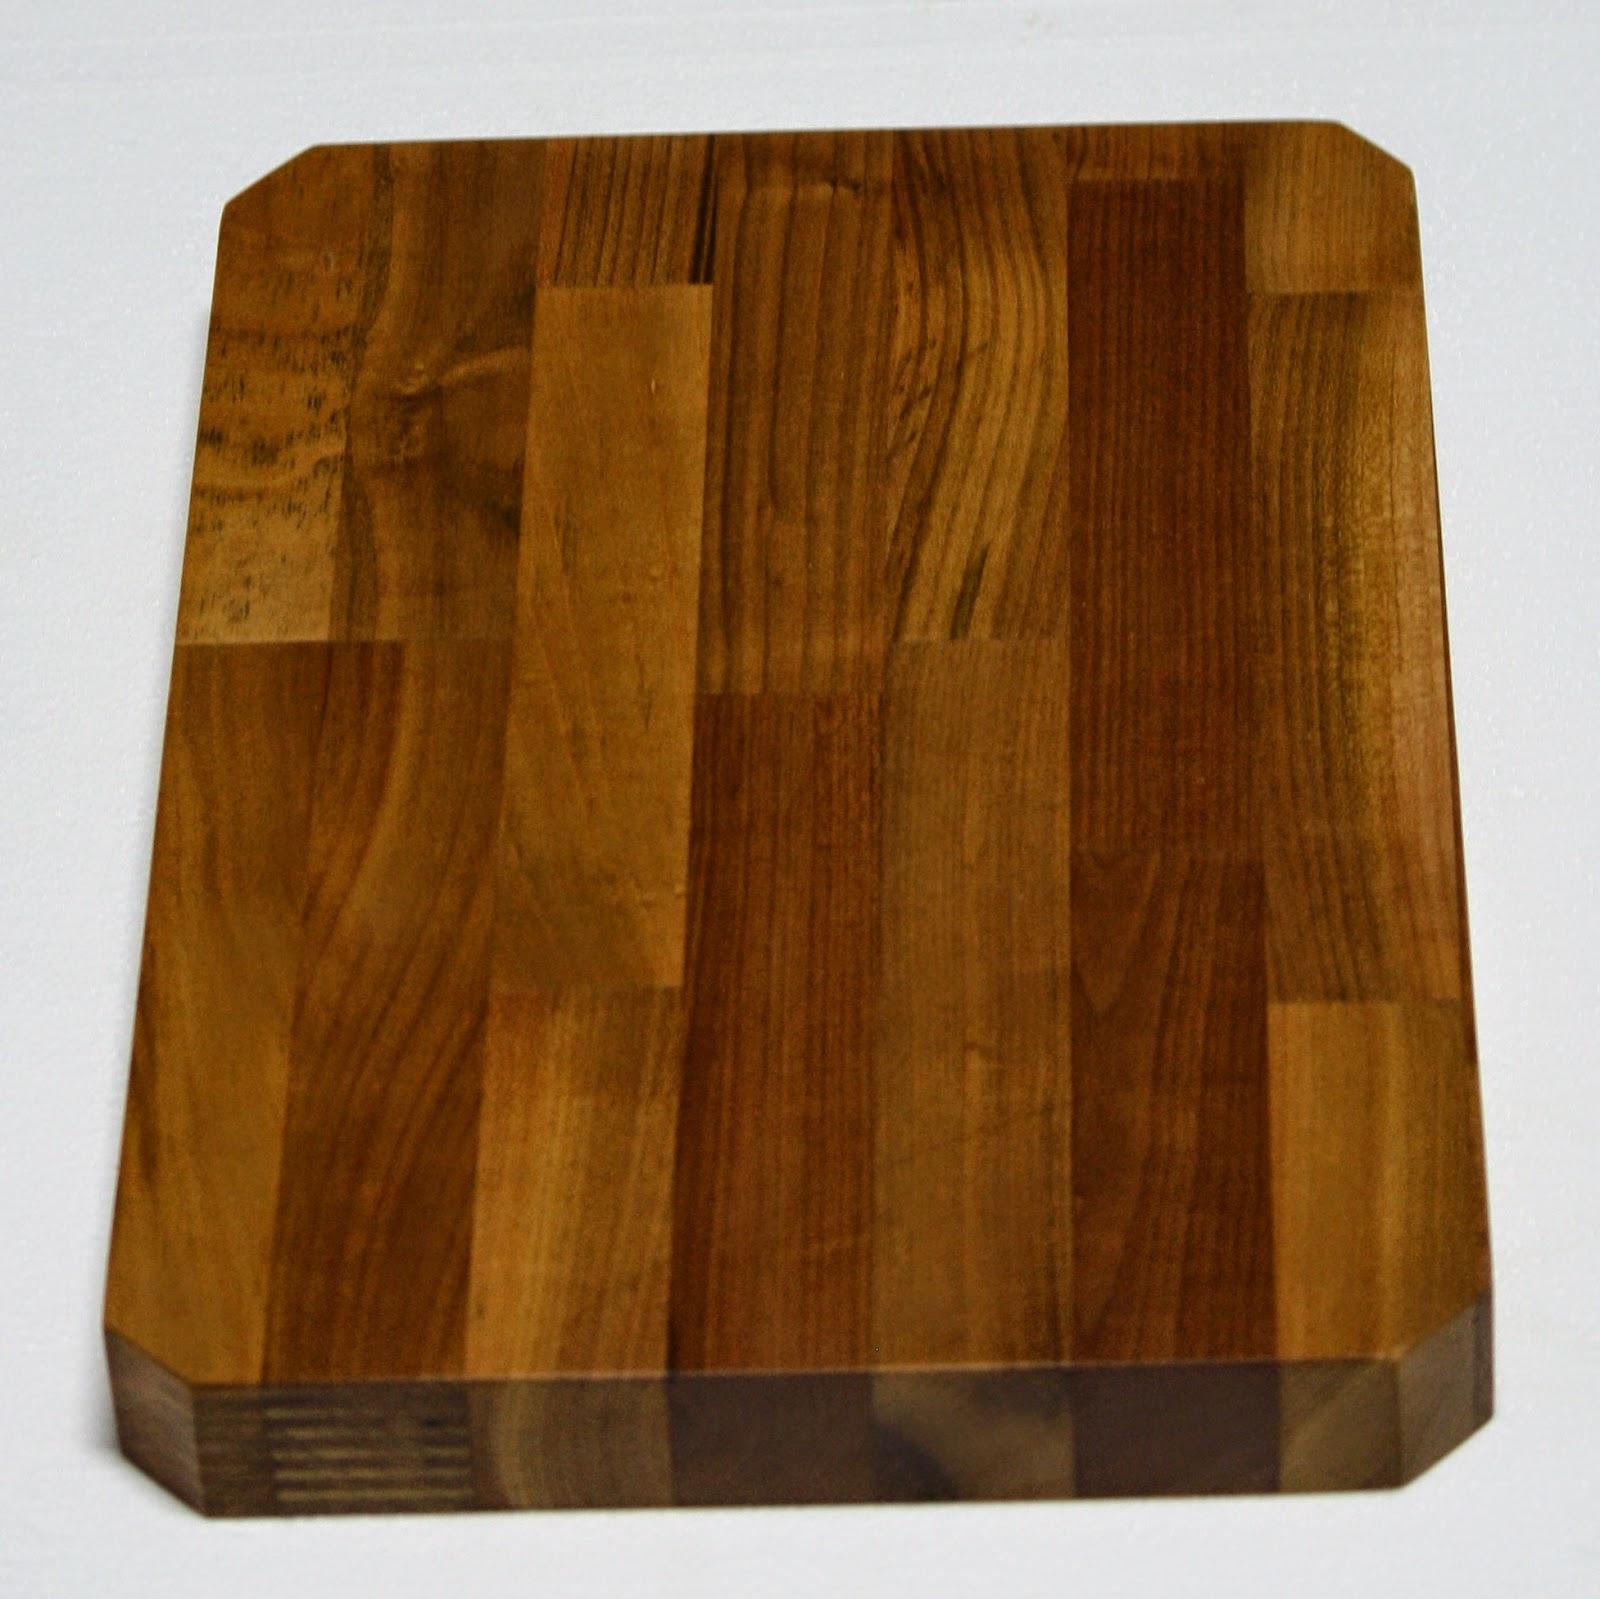 Tablas de madera precio materiales de construcci n para - Tablas de madera precio ...